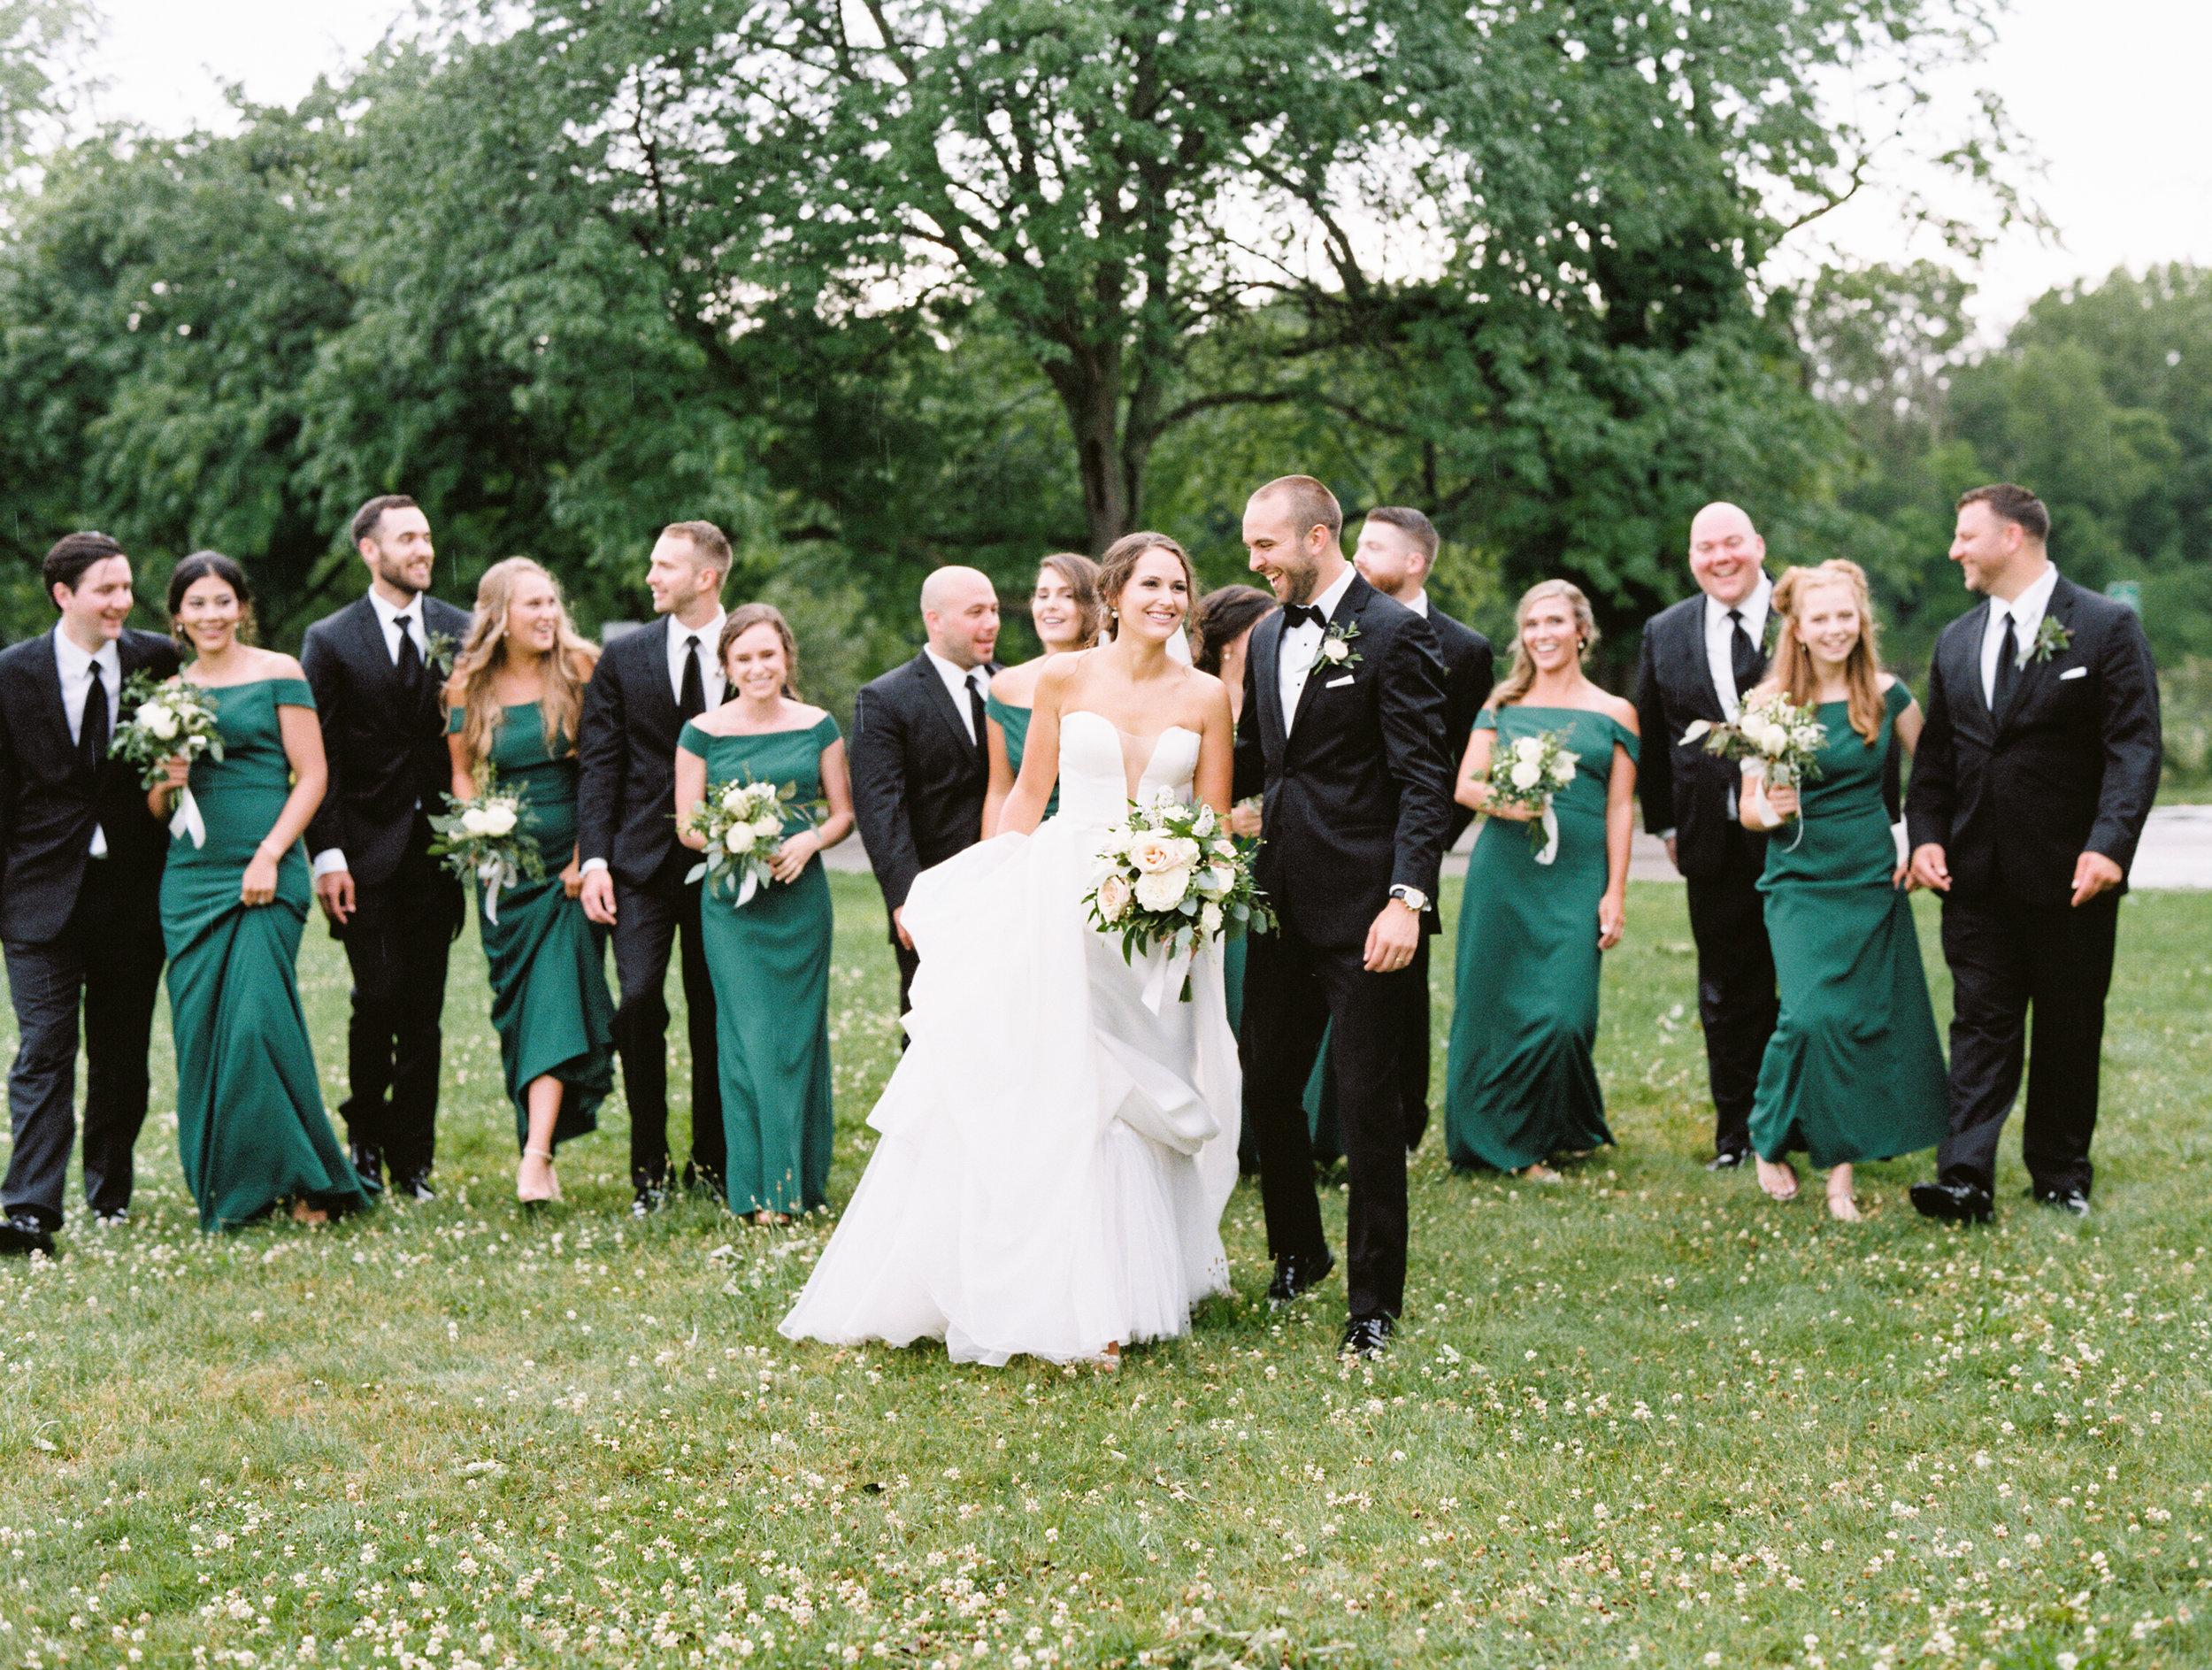 Steiner+Wedding+Bridal+Party-77.jpg